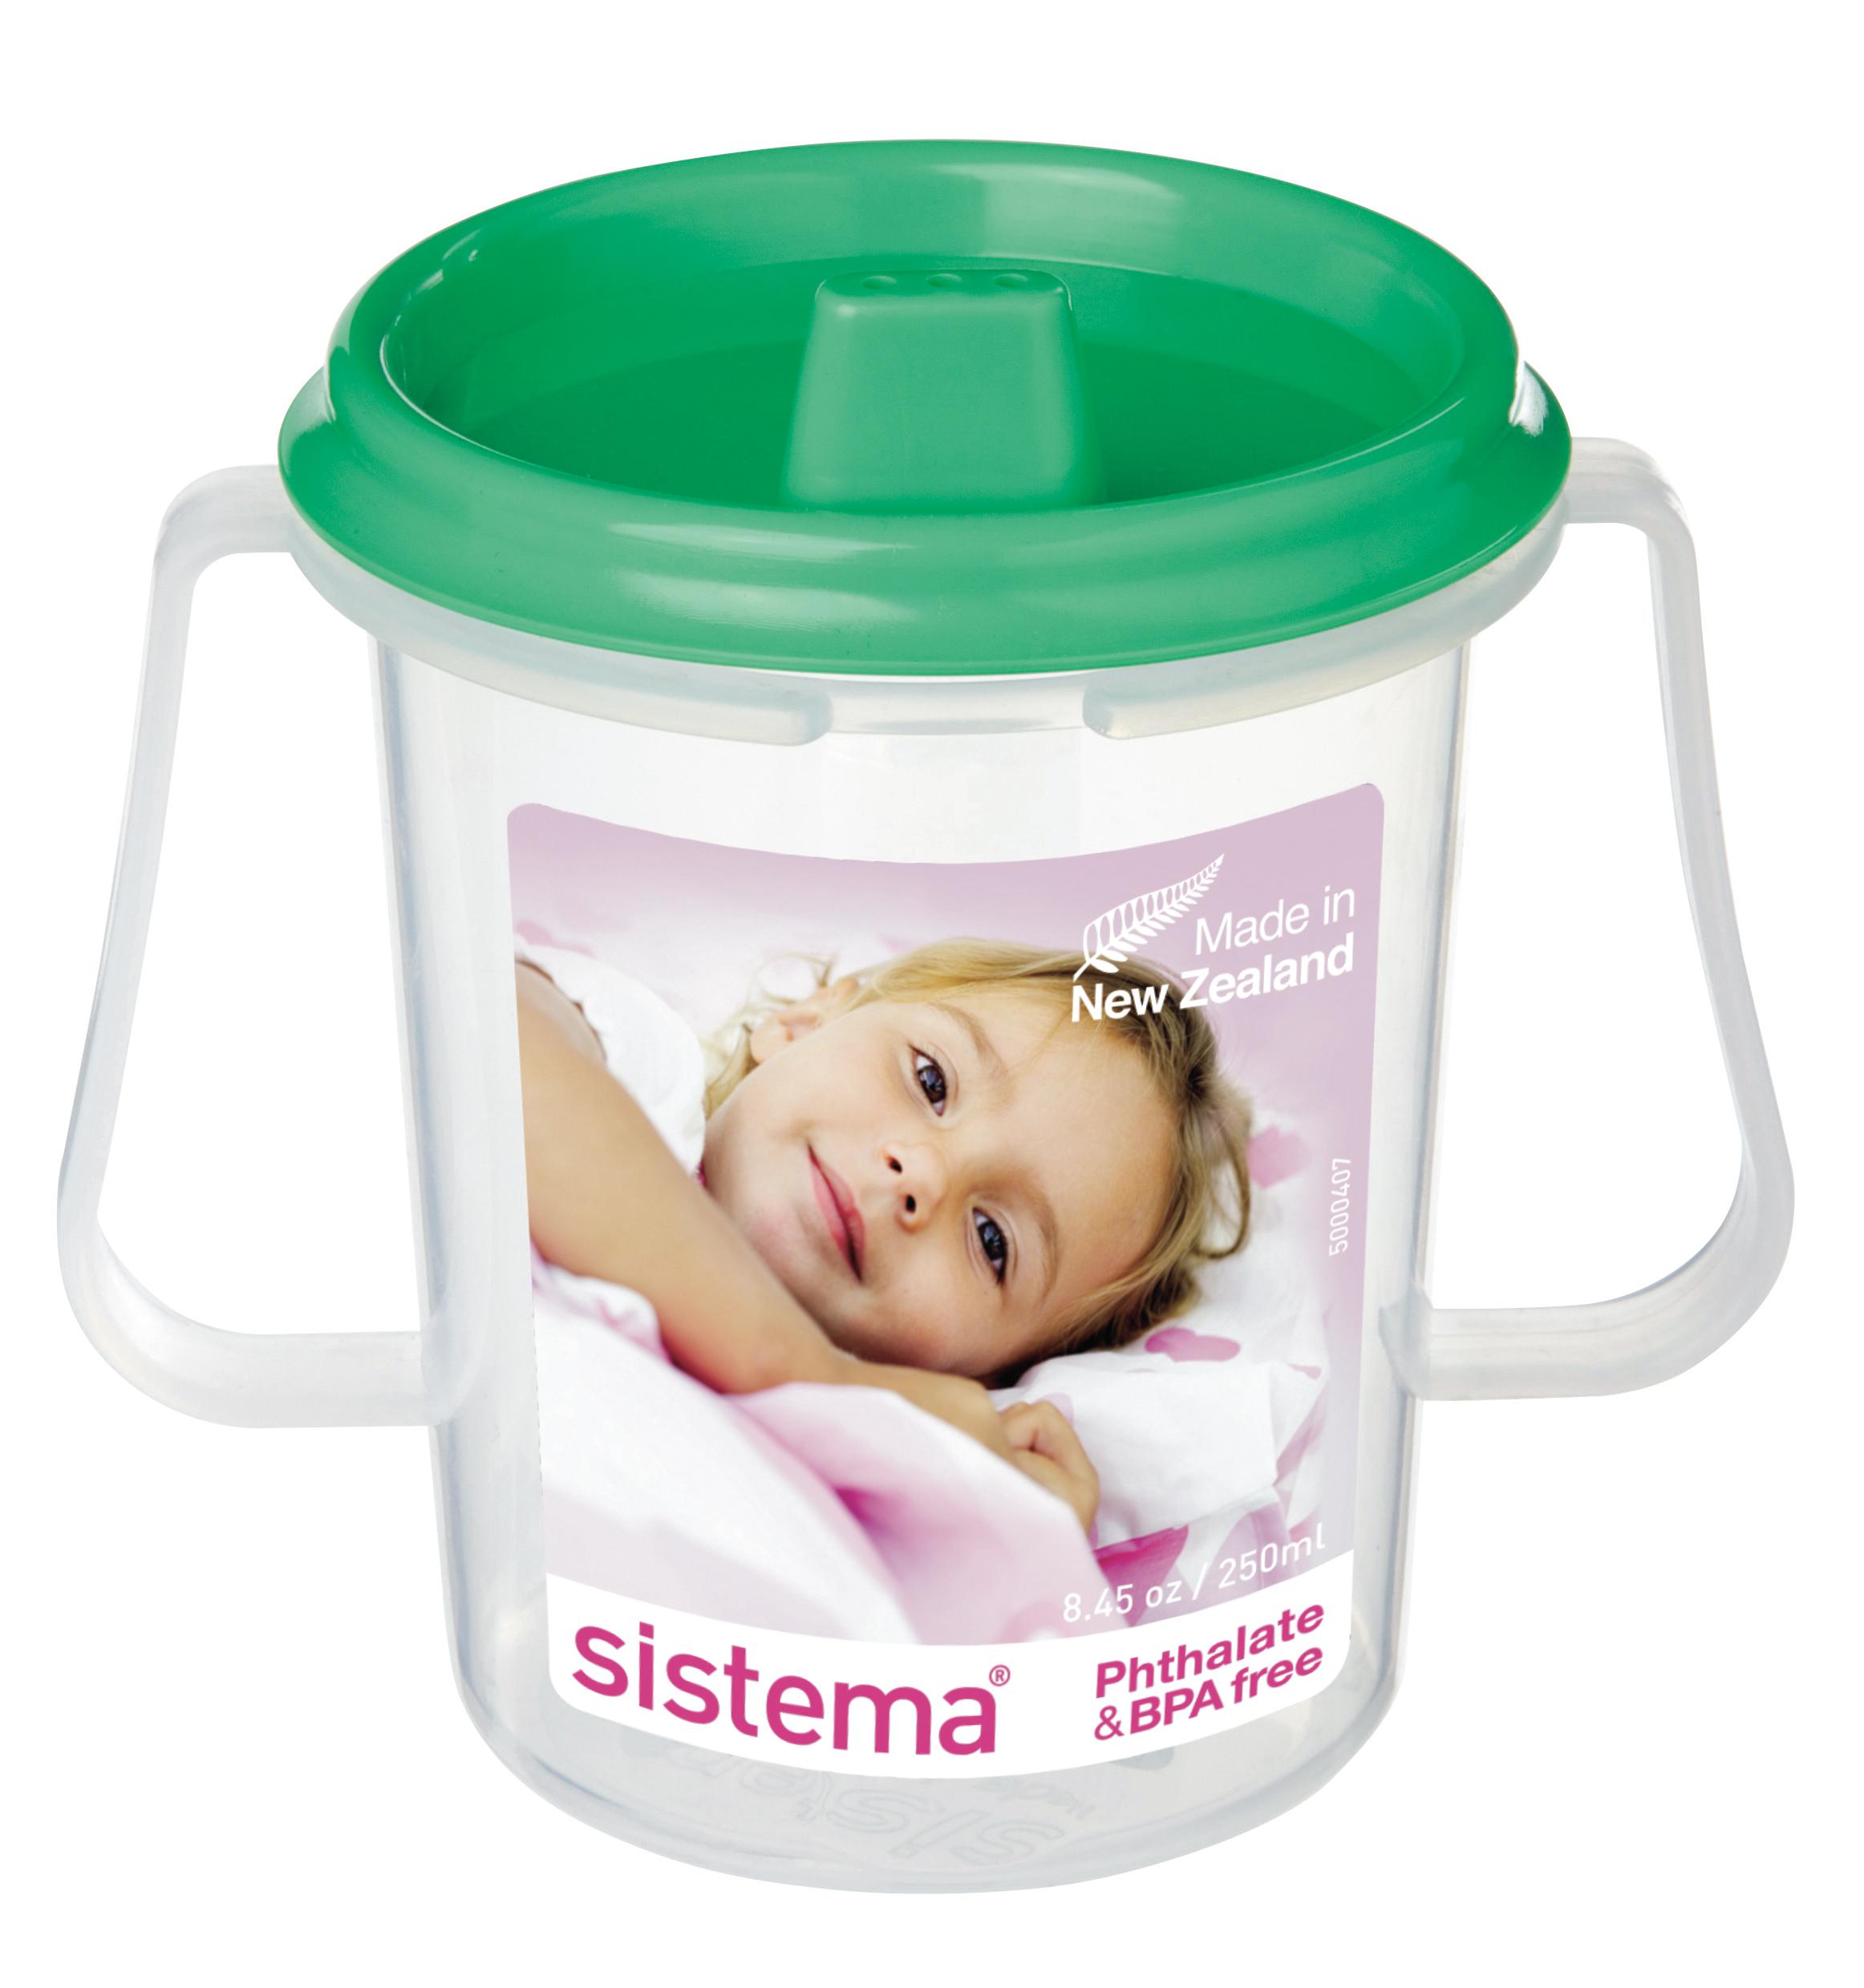 Чашка детская Sistema, с носиком, цвет: зеленый, 250 млFS-91909Детская чашка-непроливайка с носиком Dinkee Trainer оснащена клапаном, который предотвращает проливание, удобна для детских ручек. Поилка с крышкой-непроливайкой в дополнение к эргономичной форме и яркой расцветке делают данную чашку незаменимой в дороге, на прогулке, дома или на даче. Благодаря простоте и комфорту в использовании, качественным материалам и стильному дизайну, чашка с носиком так популярна. Можно мыть в посудомоечной машине.